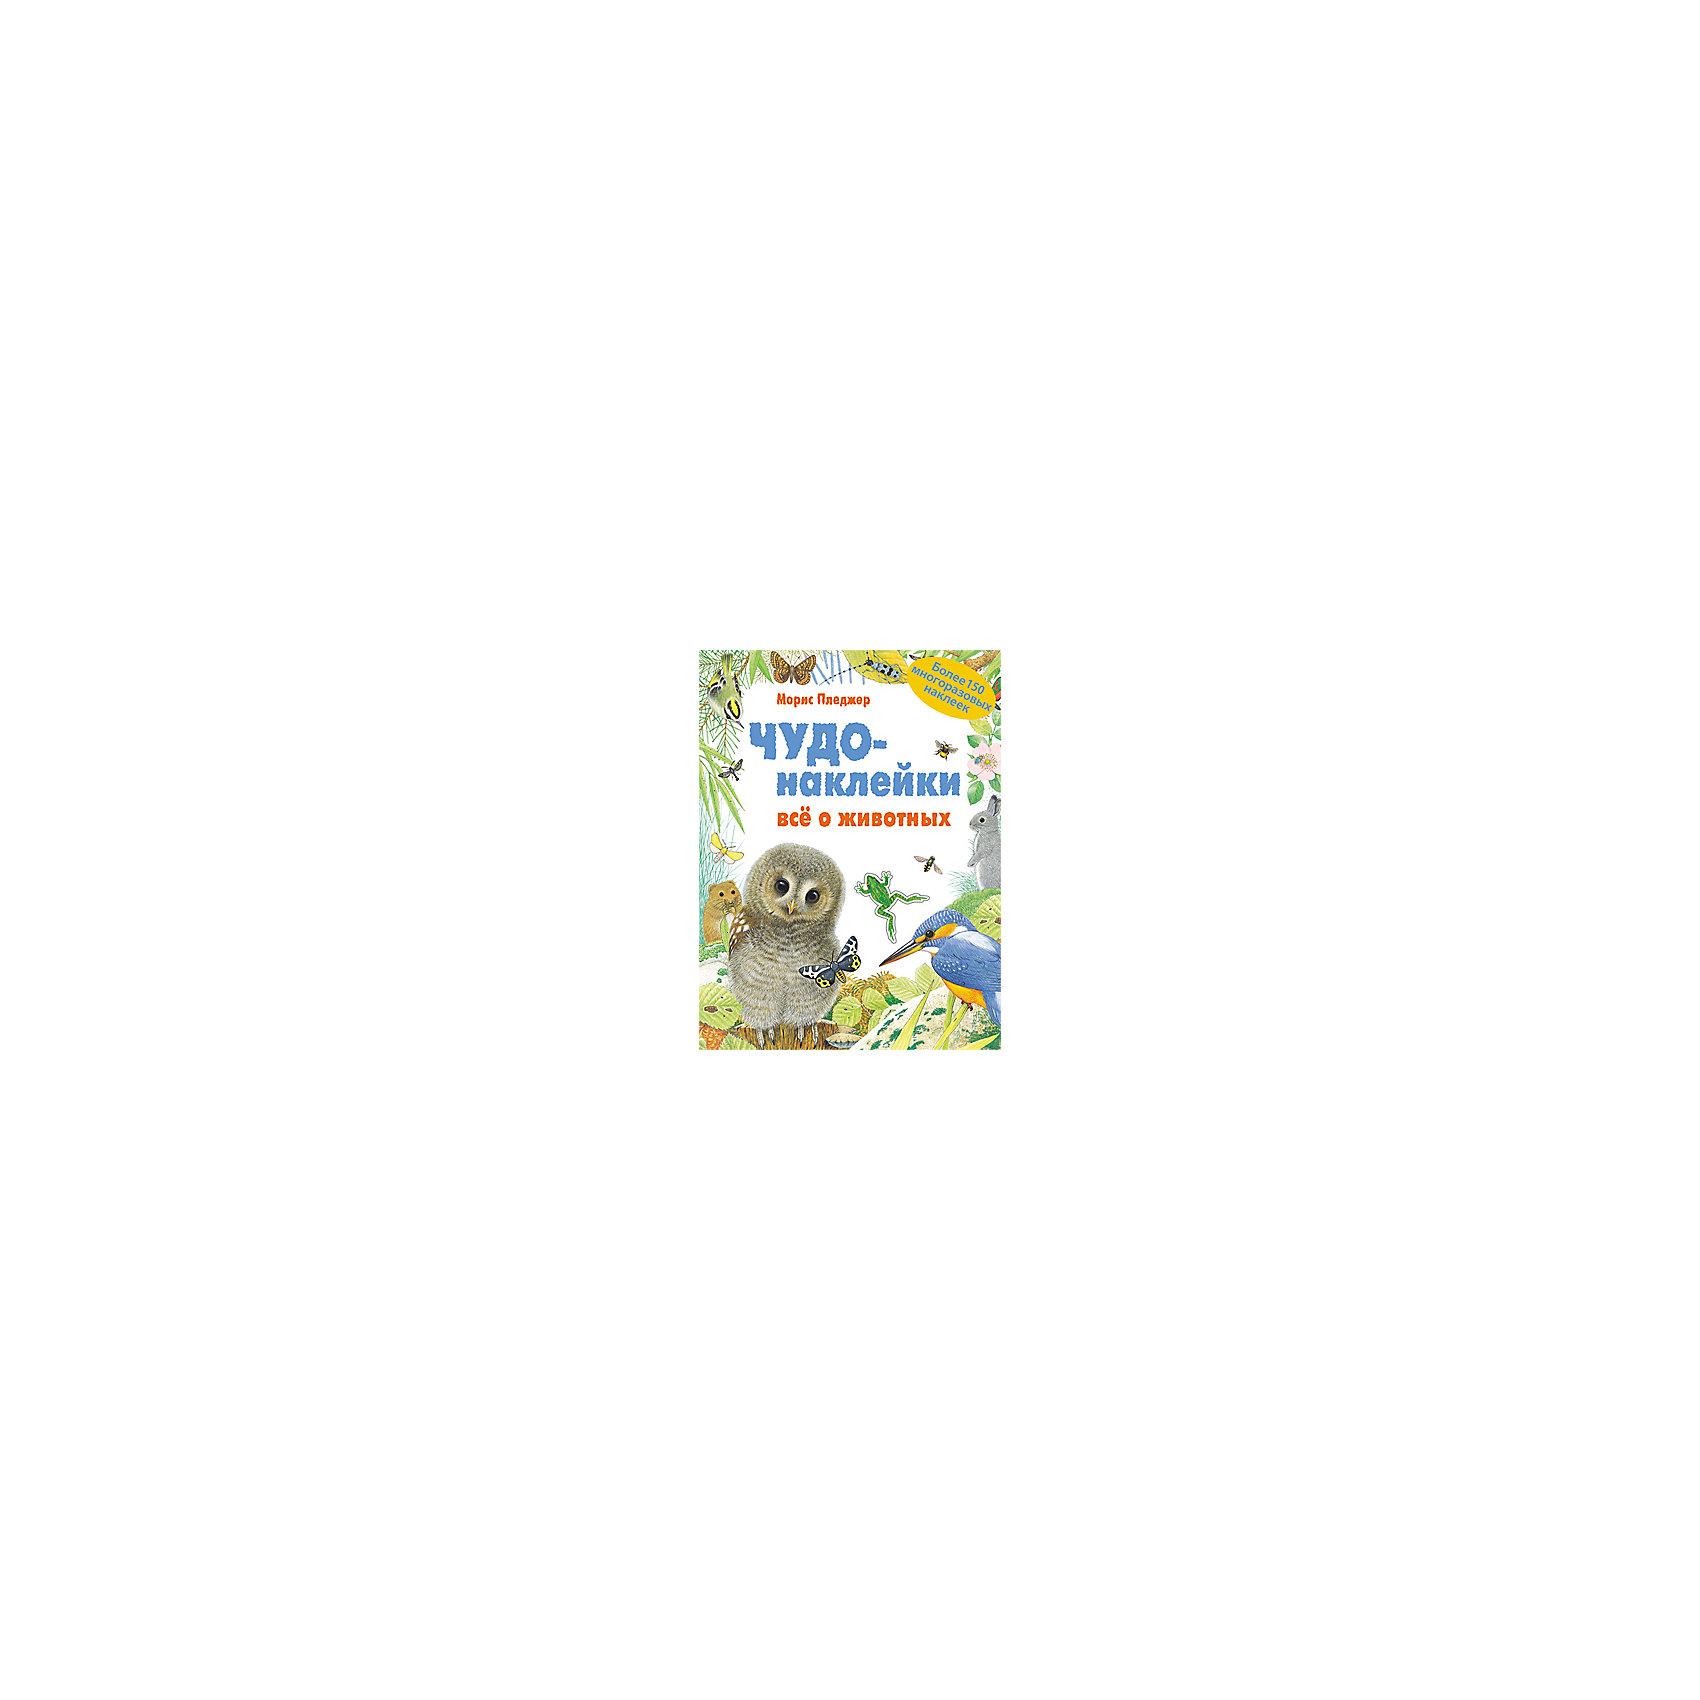 Чудо-наклейки Все о животных, Мозаика-СинтезТворчество для малышей<br>Чудо-наклейки Все о животных, Мозаика-Синтез.<br><br>Характеристики:<br><br>• Издательство: МОЗАИКА-СИНТЕЗ<br>• ISBN: 978-5-86775-926-1<br>• Тип: книга с многоразовыми наклейками.<br>• Раздел знаний: ознакомление с окружающим миром.<br>• Возраст: 5-7 лет.<br>• Размер книги: 280х215х40мм.<br>• Количество страниц: 70.<br><br>Чудо-наклейки.Все о животных<br>Эта увлекательная книга с наклейками познакомит вас с миром природы. Вам поможет в этом веселый совенок. Вы повстречаетесь с его друзьями: зверями, птицами, рыбами и насекомыми, узнаете, где они живут, какие у них привычки и особенности. Как только встретите нового друга совенка, приклейте в книгу его портрет. Нужные наклейки будут соответствовать контурам, нарисованным в книге. <br><br>Создавайте оригинальные картины, приклеивая на страницы зверей, насекомых и цветы по своему вкусу. Наклейки, которые понадобятся вам в путешествии, находятся в конце книги. Они многоразовые, их можно использовать не только в этой книге, но и в блокнотах, альбомах. В книге 70 страниц с заданиями и 150 красочных наклеек.<br><br>Чудо-наклейки Все о животных, Мозаика-Синтез, можно купить в нашем интернет – магазине<br><br>Ширина мм: 9<br>Глубина мм: 215<br>Высота мм: 280<br>Вес г: 536<br>Возраст от месяцев: 60<br>Возраст до месяцев: 84<br>Пол: Унисекс<br>Возраст: Детский<br>SKU: 5428884